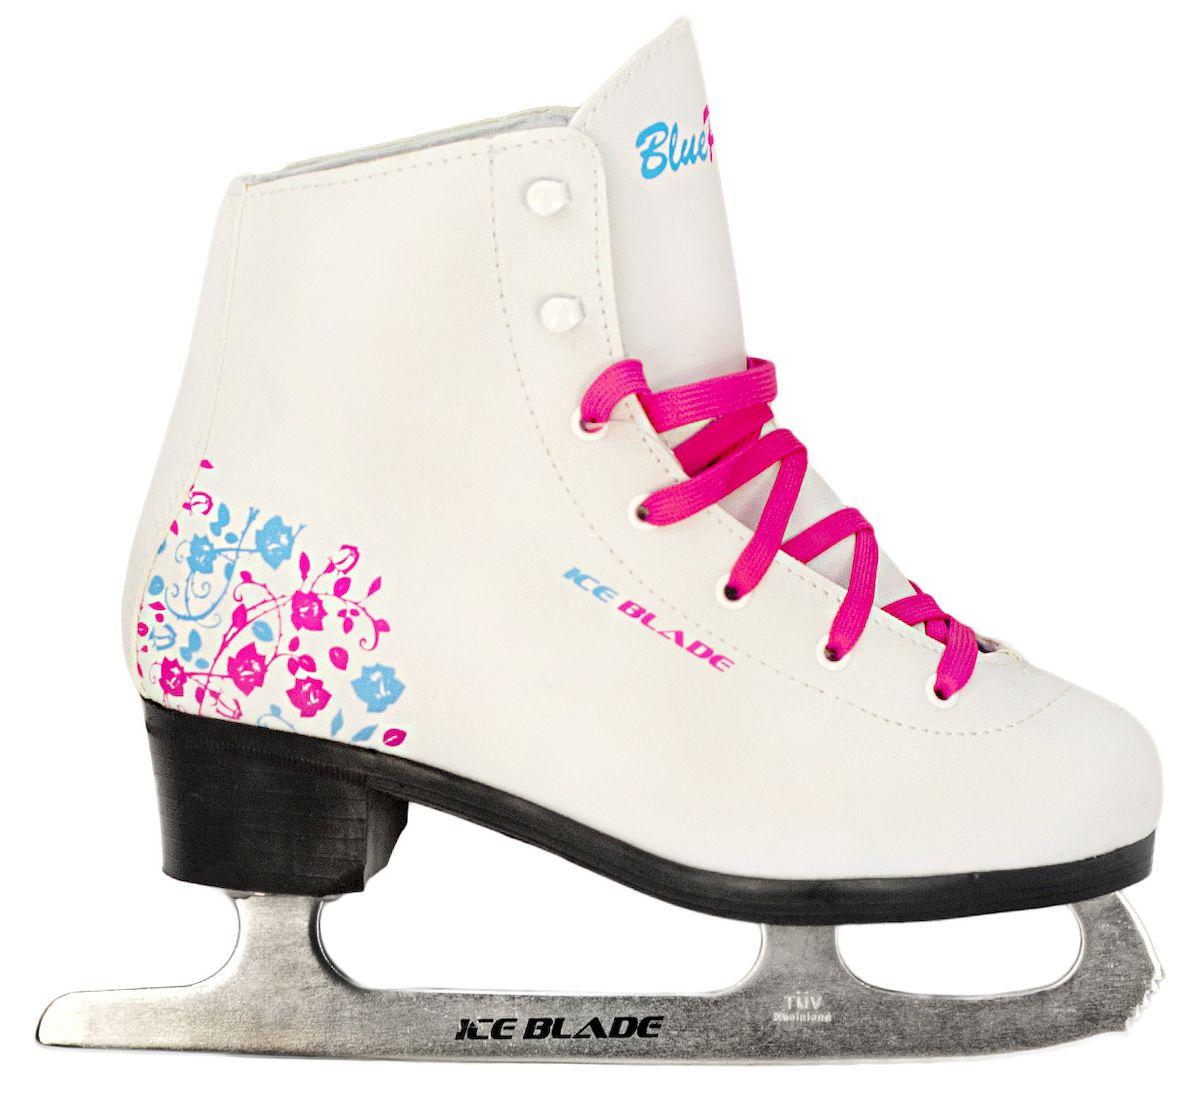 Коньки фигурные Ice Blade BluePink, цвет: белый, розовый, голубой. УТ-00006869. Размер 31